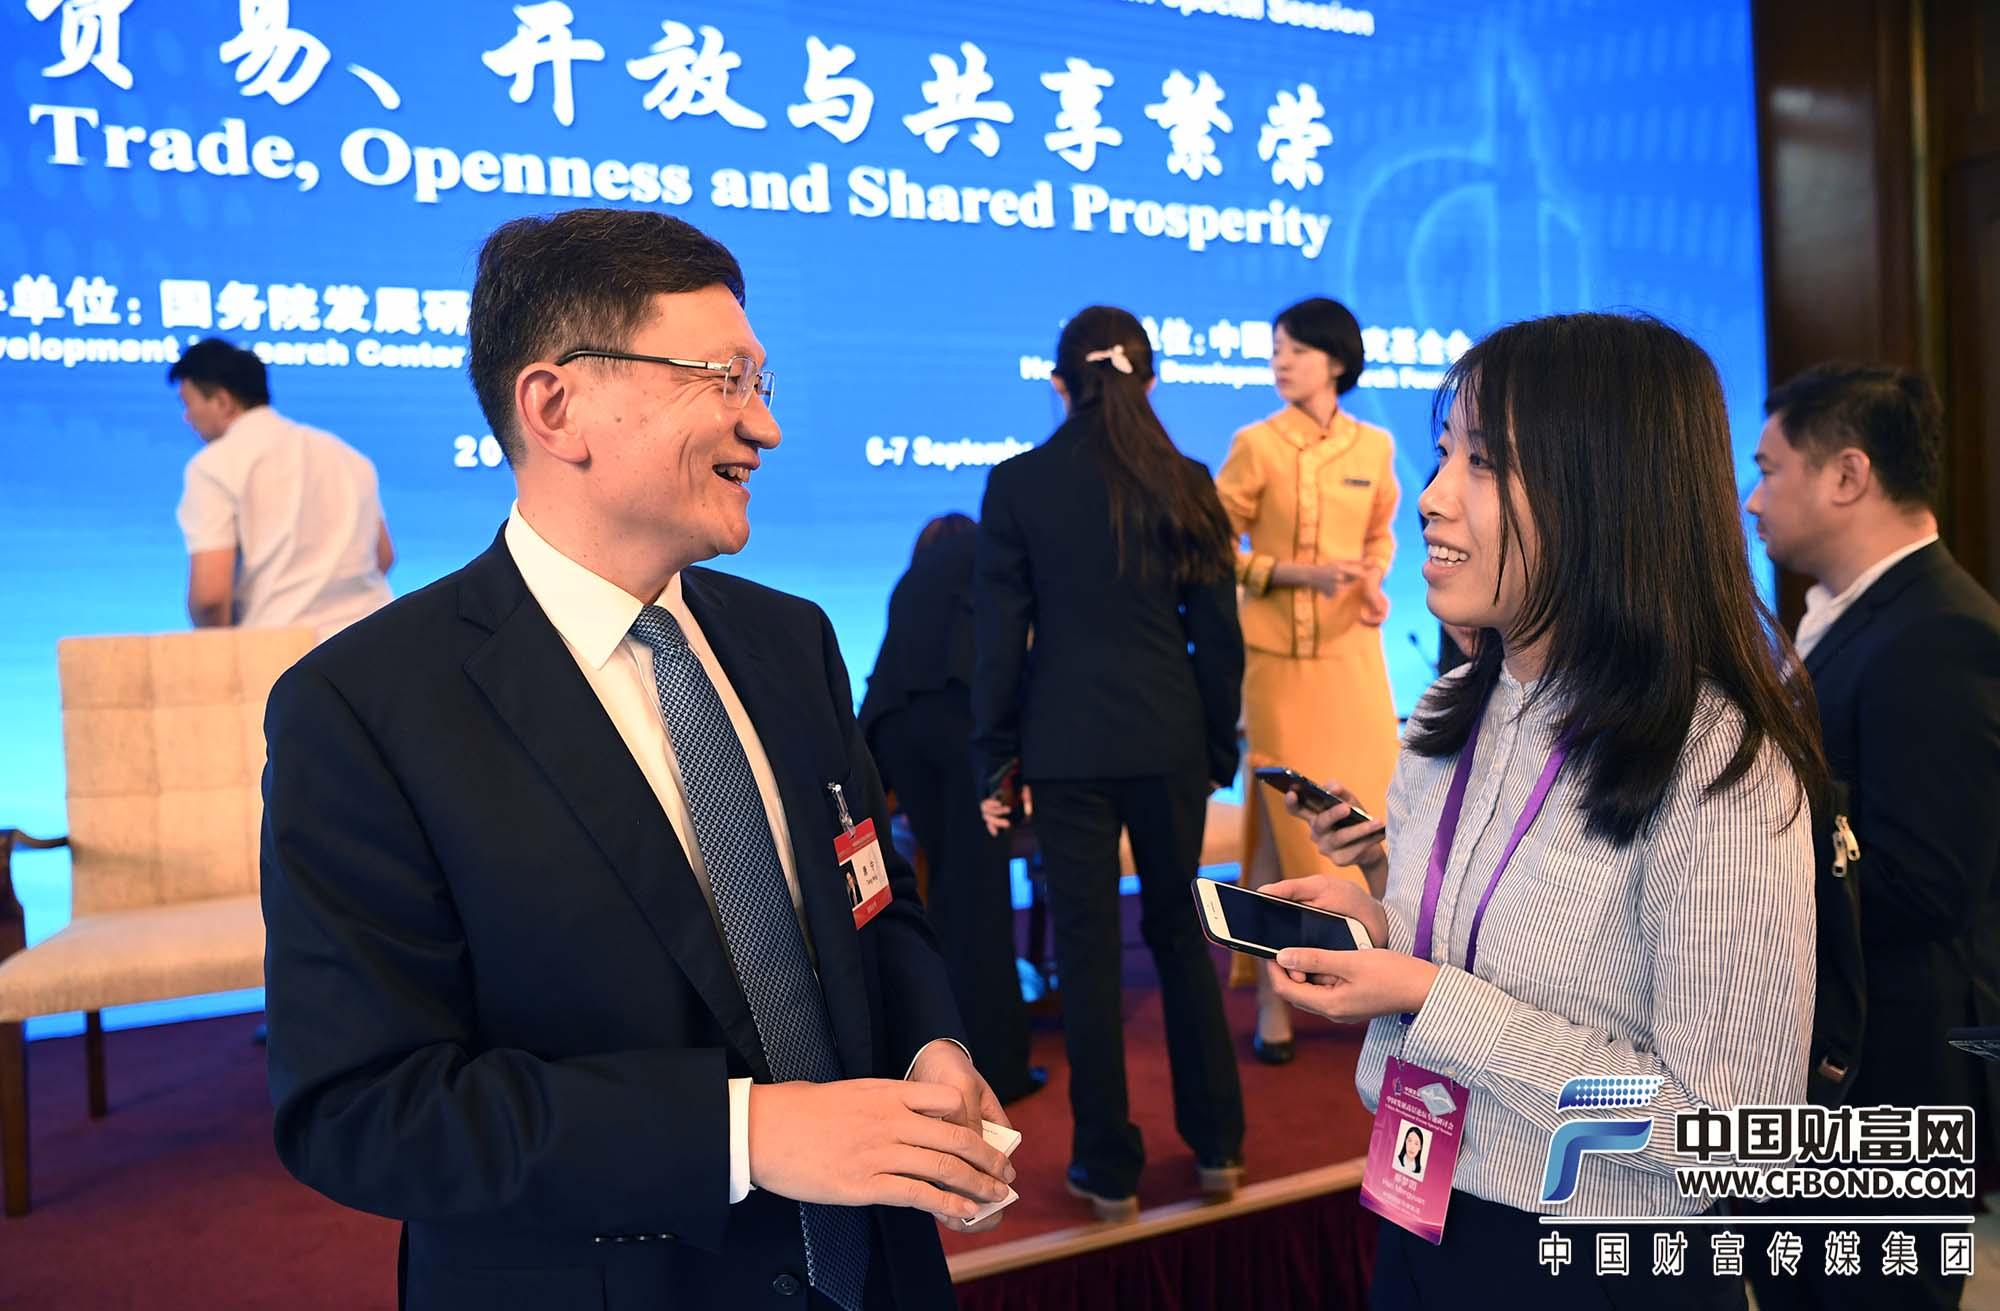 中国财富网记者郝梦圆采访宜信公司创始人、CEO唐宁